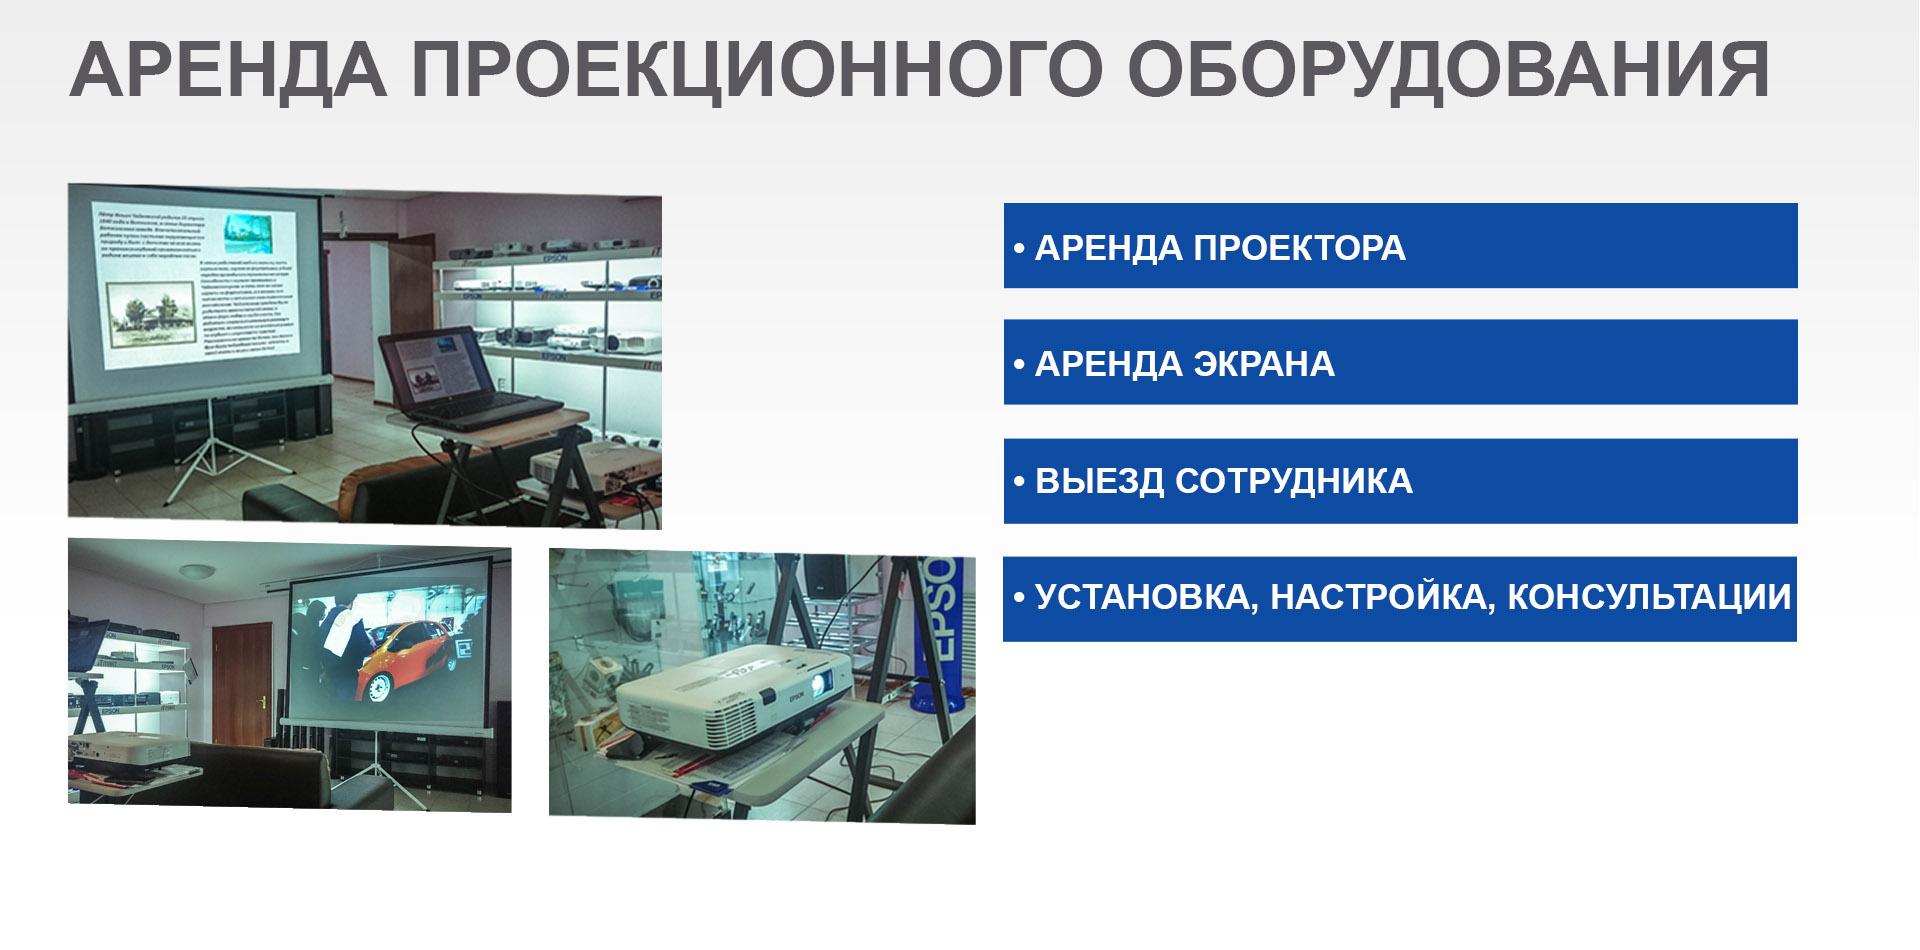 АРЕНДА ПРОЕКТОРА В АСТАНЕ.